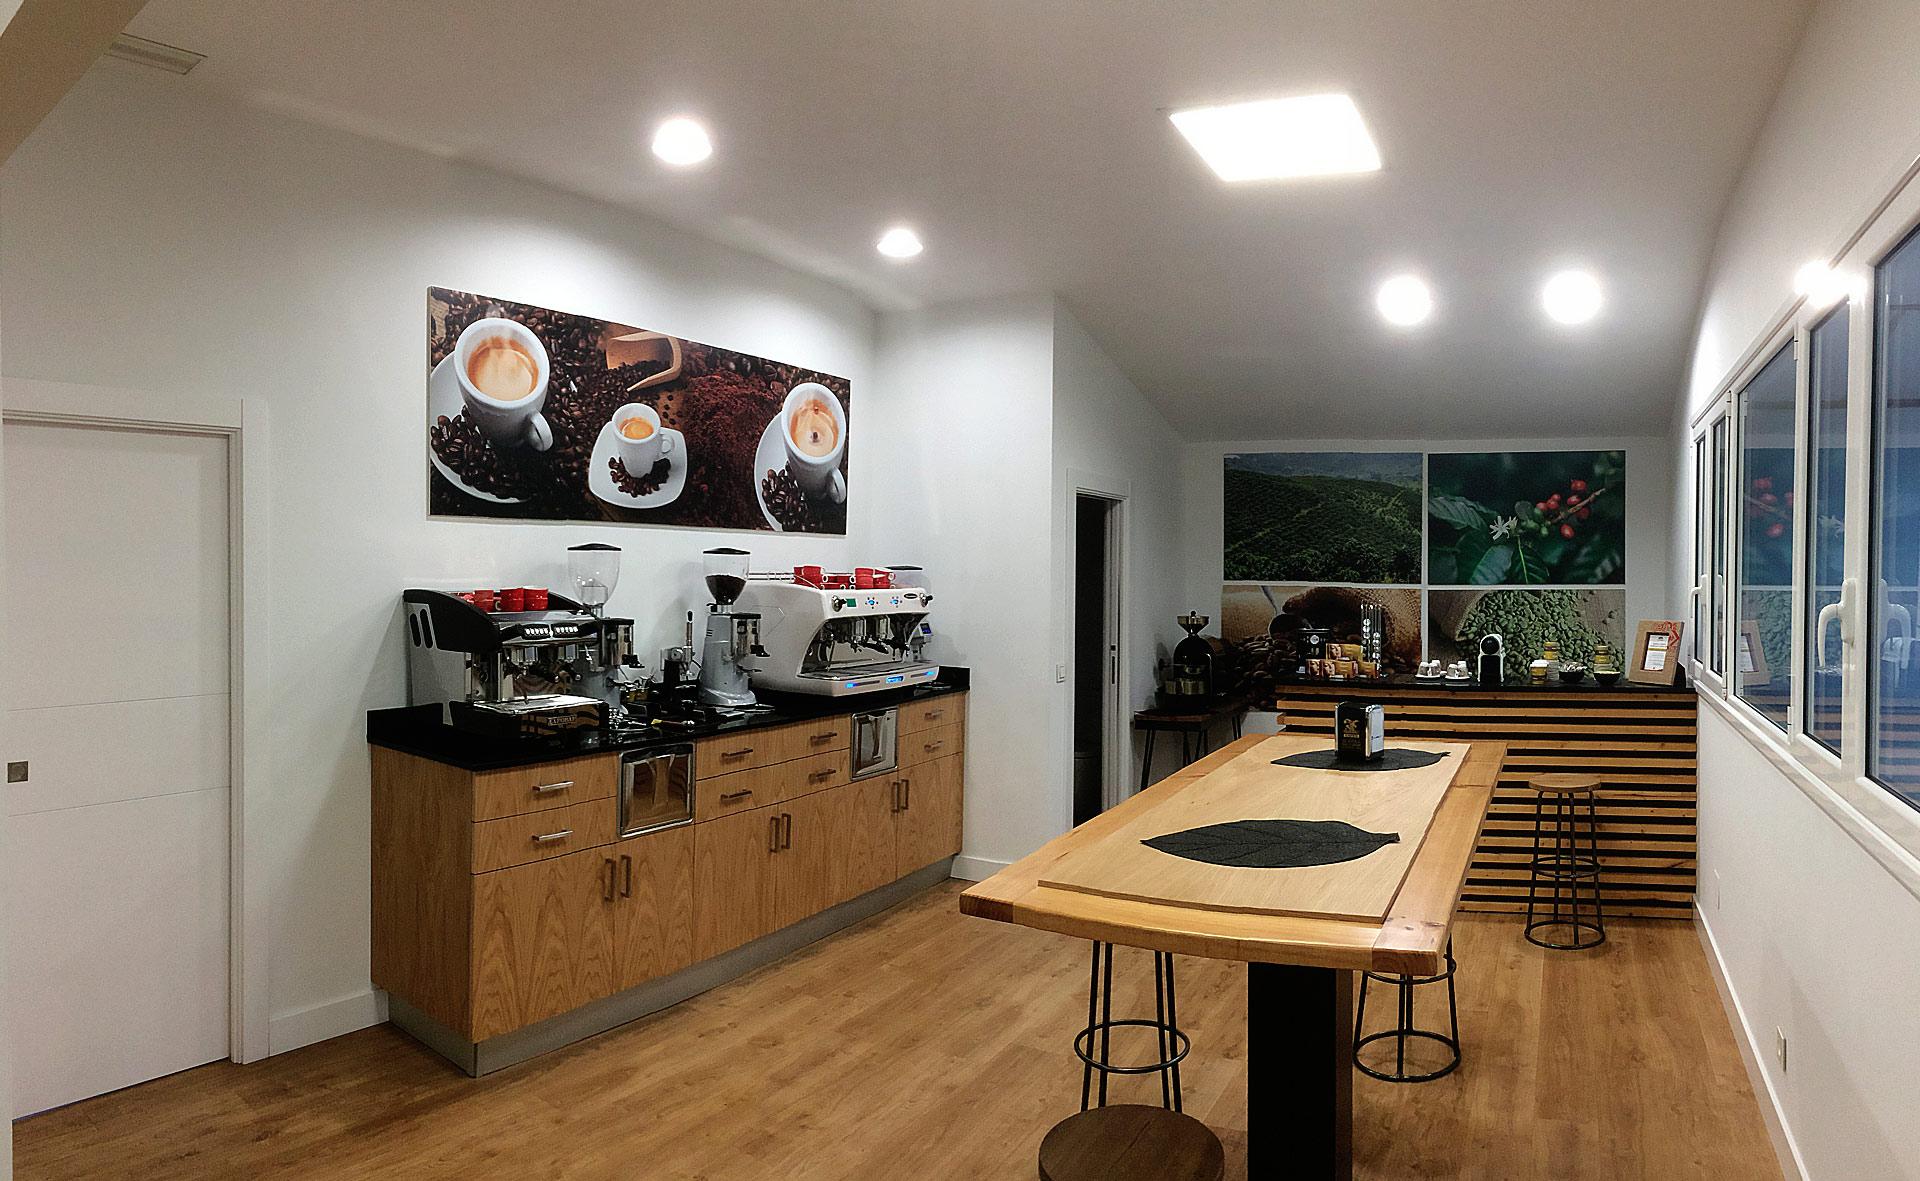 Formación baristas Cafés El Aguila del Caribe